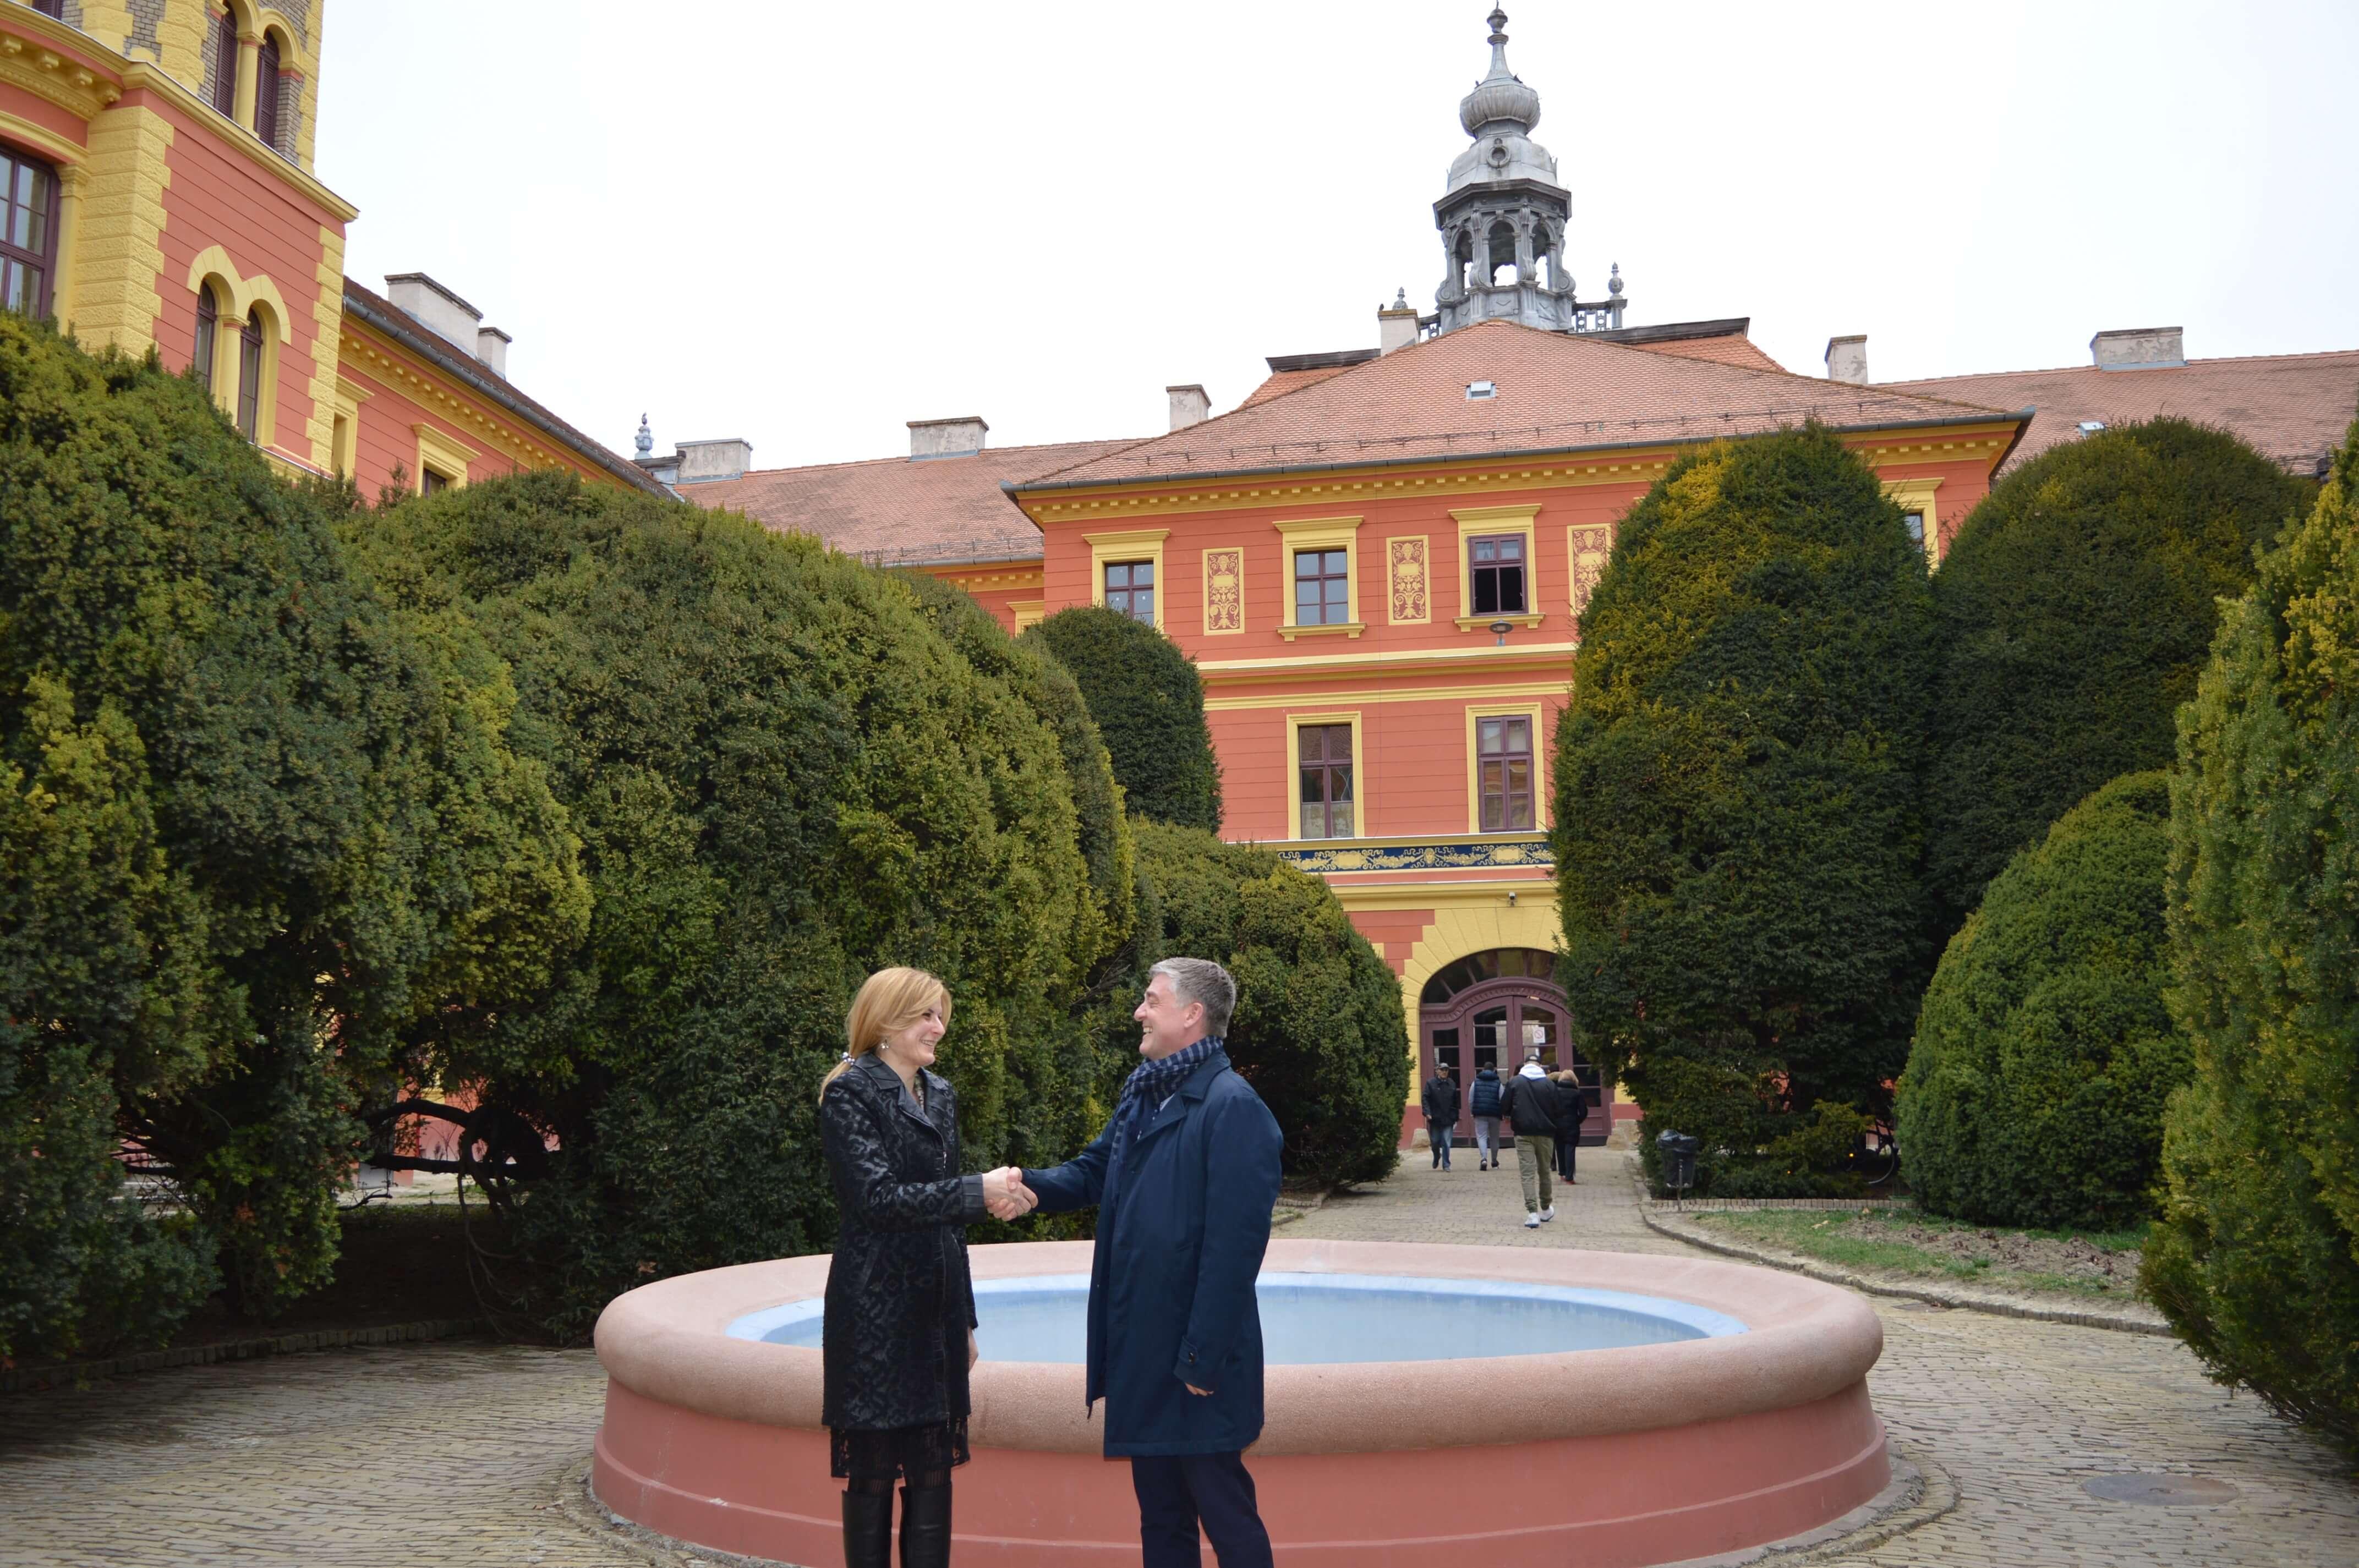 Градоначелница Сомбора Душанка Голубовић и шеф канцеларије Савета Европе у Београду Тобиас Флесенкемпер